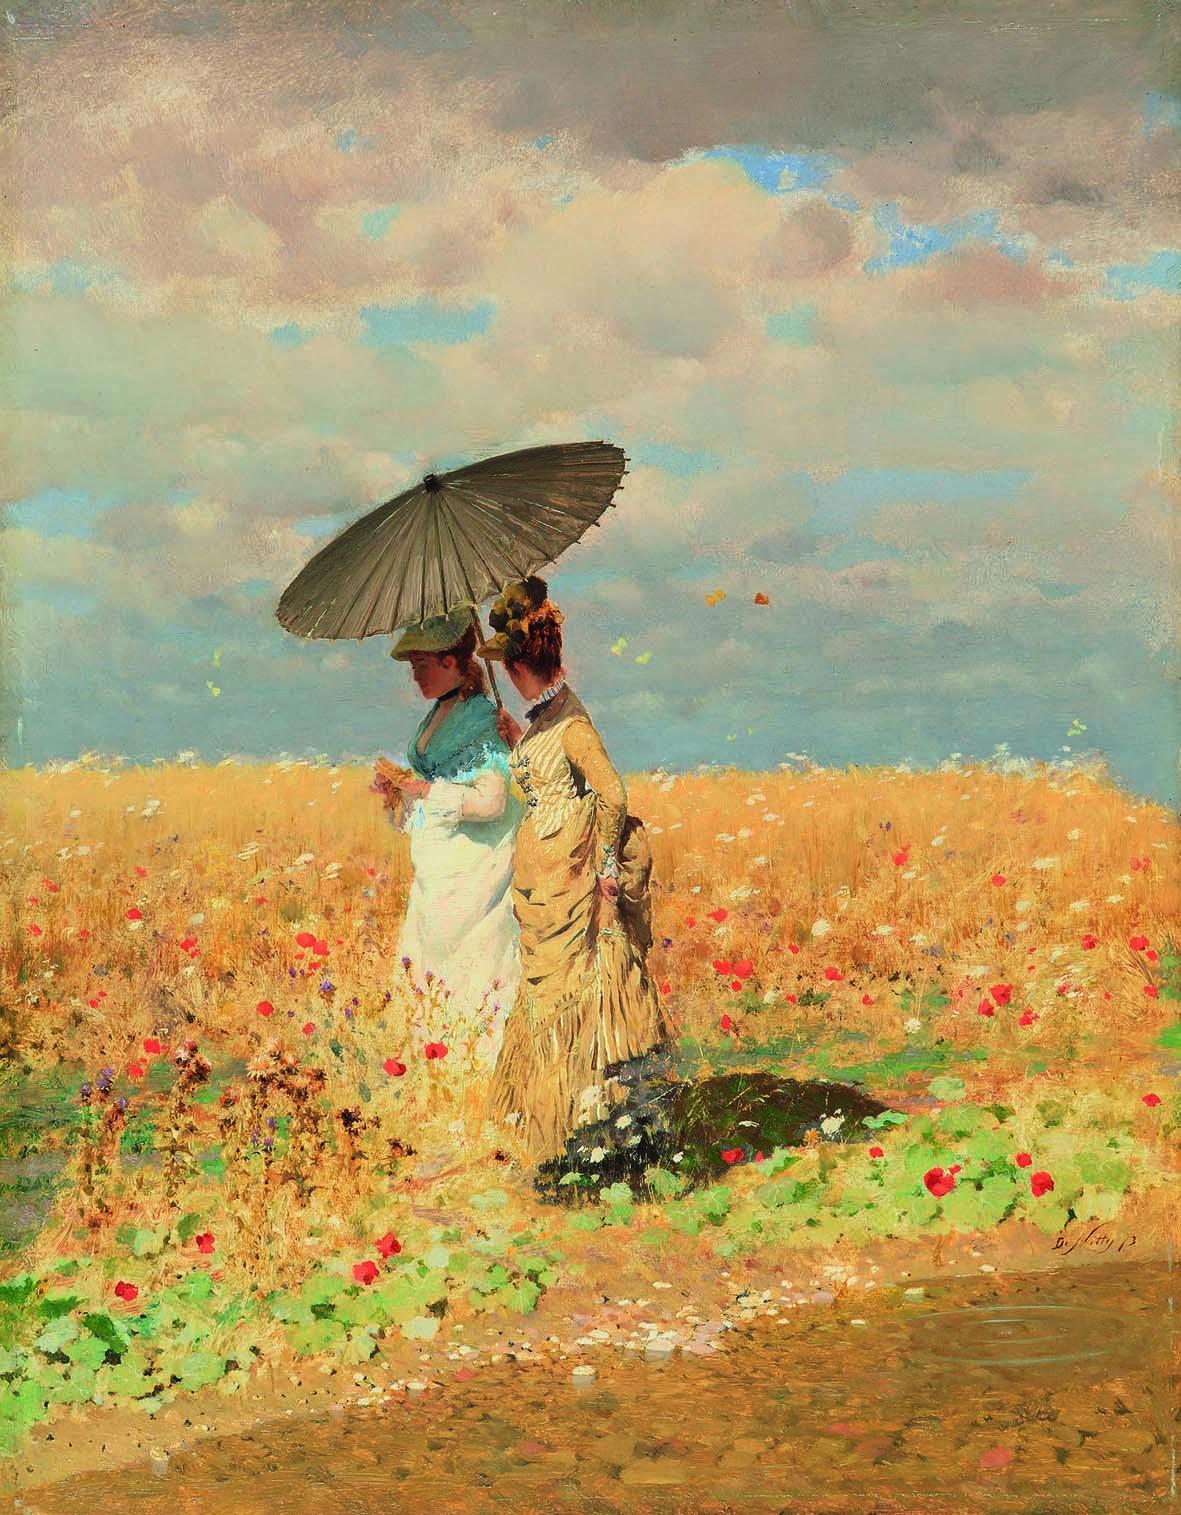 Giuseppe De Nittis: Nel grano, 1873. Olio su tela, cm 33 x 25. Collezione privata